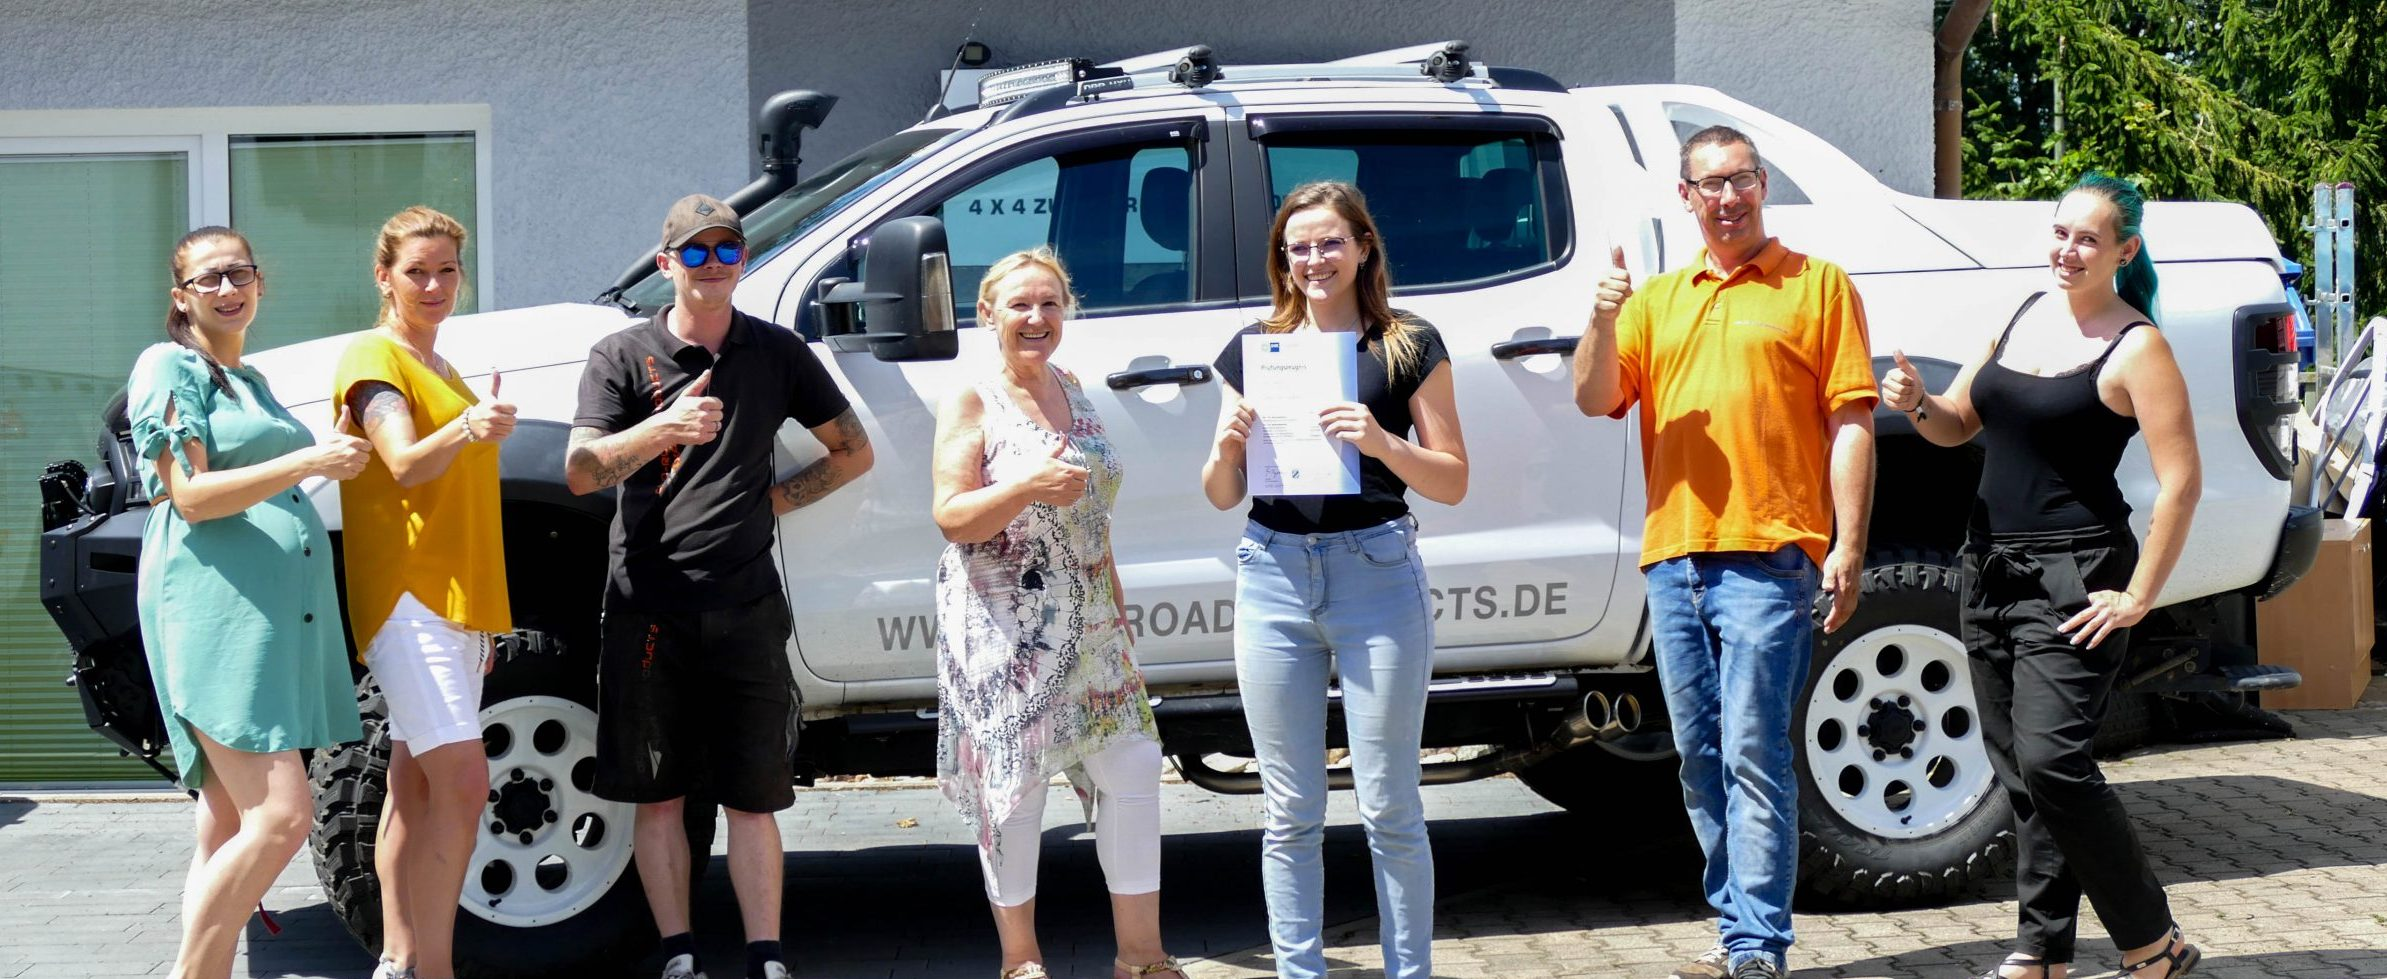 Das Off Road Products Team gratuliert seiner Auzubildenen Jasmin Lehner zur bestandenen Abschlussprüfung